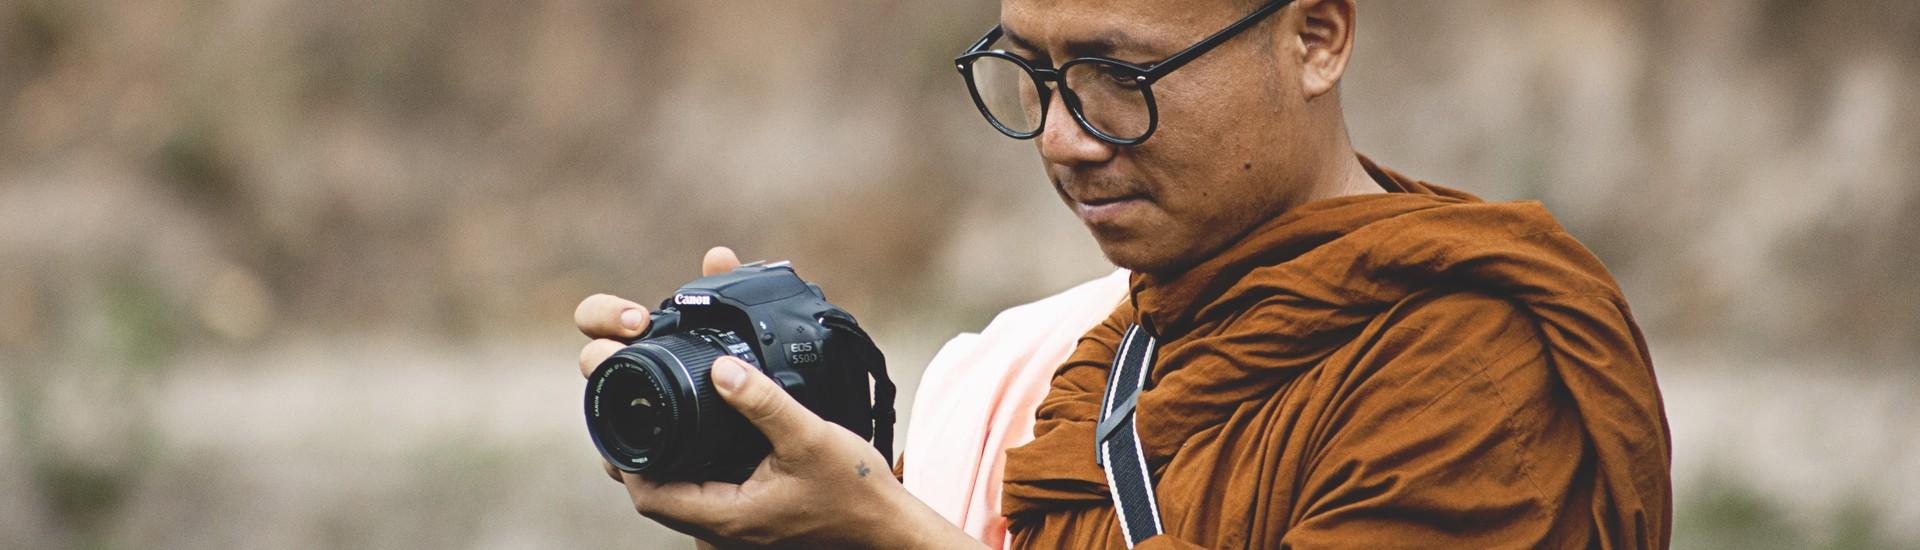 камбоджа, достопримечательности камбоджи, кампот